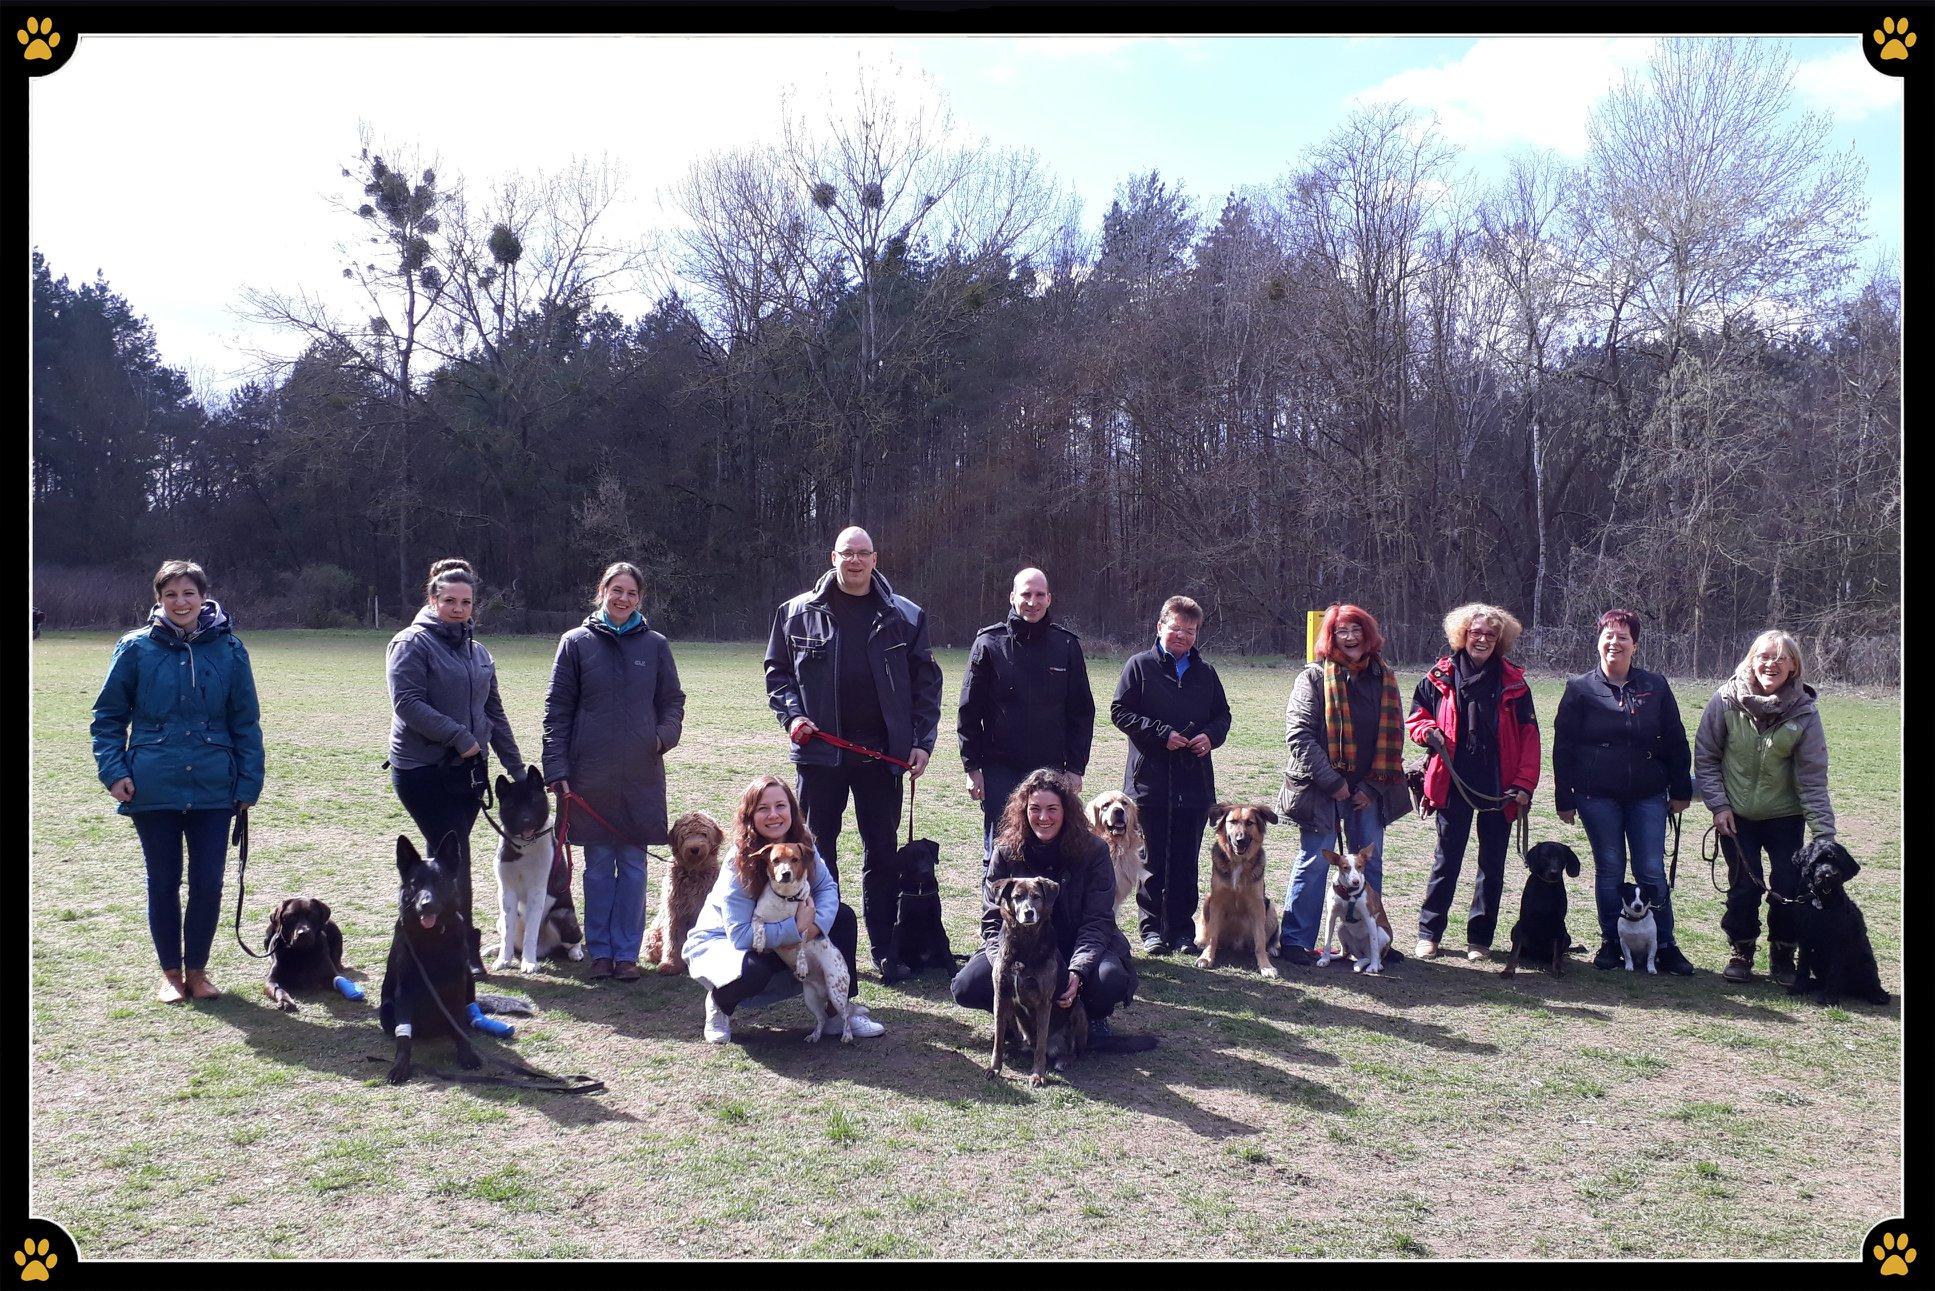 """JoBaDog """"Erste Hilfe am Hund"""" Seminar - Richtiges und zügiges Handeln bei einem Notfall kann Leben retten! 💛Beim """"Erste Hilfe am Hund"""" Praxisworkshop lernten die JoBaDog Hundeschüler Gefahrensituationen zu erkennen, zu beurteilen und damit im Notfall keine wertvolle Zeit zu verschenken. 💪🏻Vielen herzlichen Dank an die wunderbare Tierärztin Claudia El-Rawas und die Tierheilpraktikerin Nicole Madsack aus der Praxis Bolek & Co, für einen großartigen Workshop in dem keine Fragen mehr offen blieben.😊🐶"""